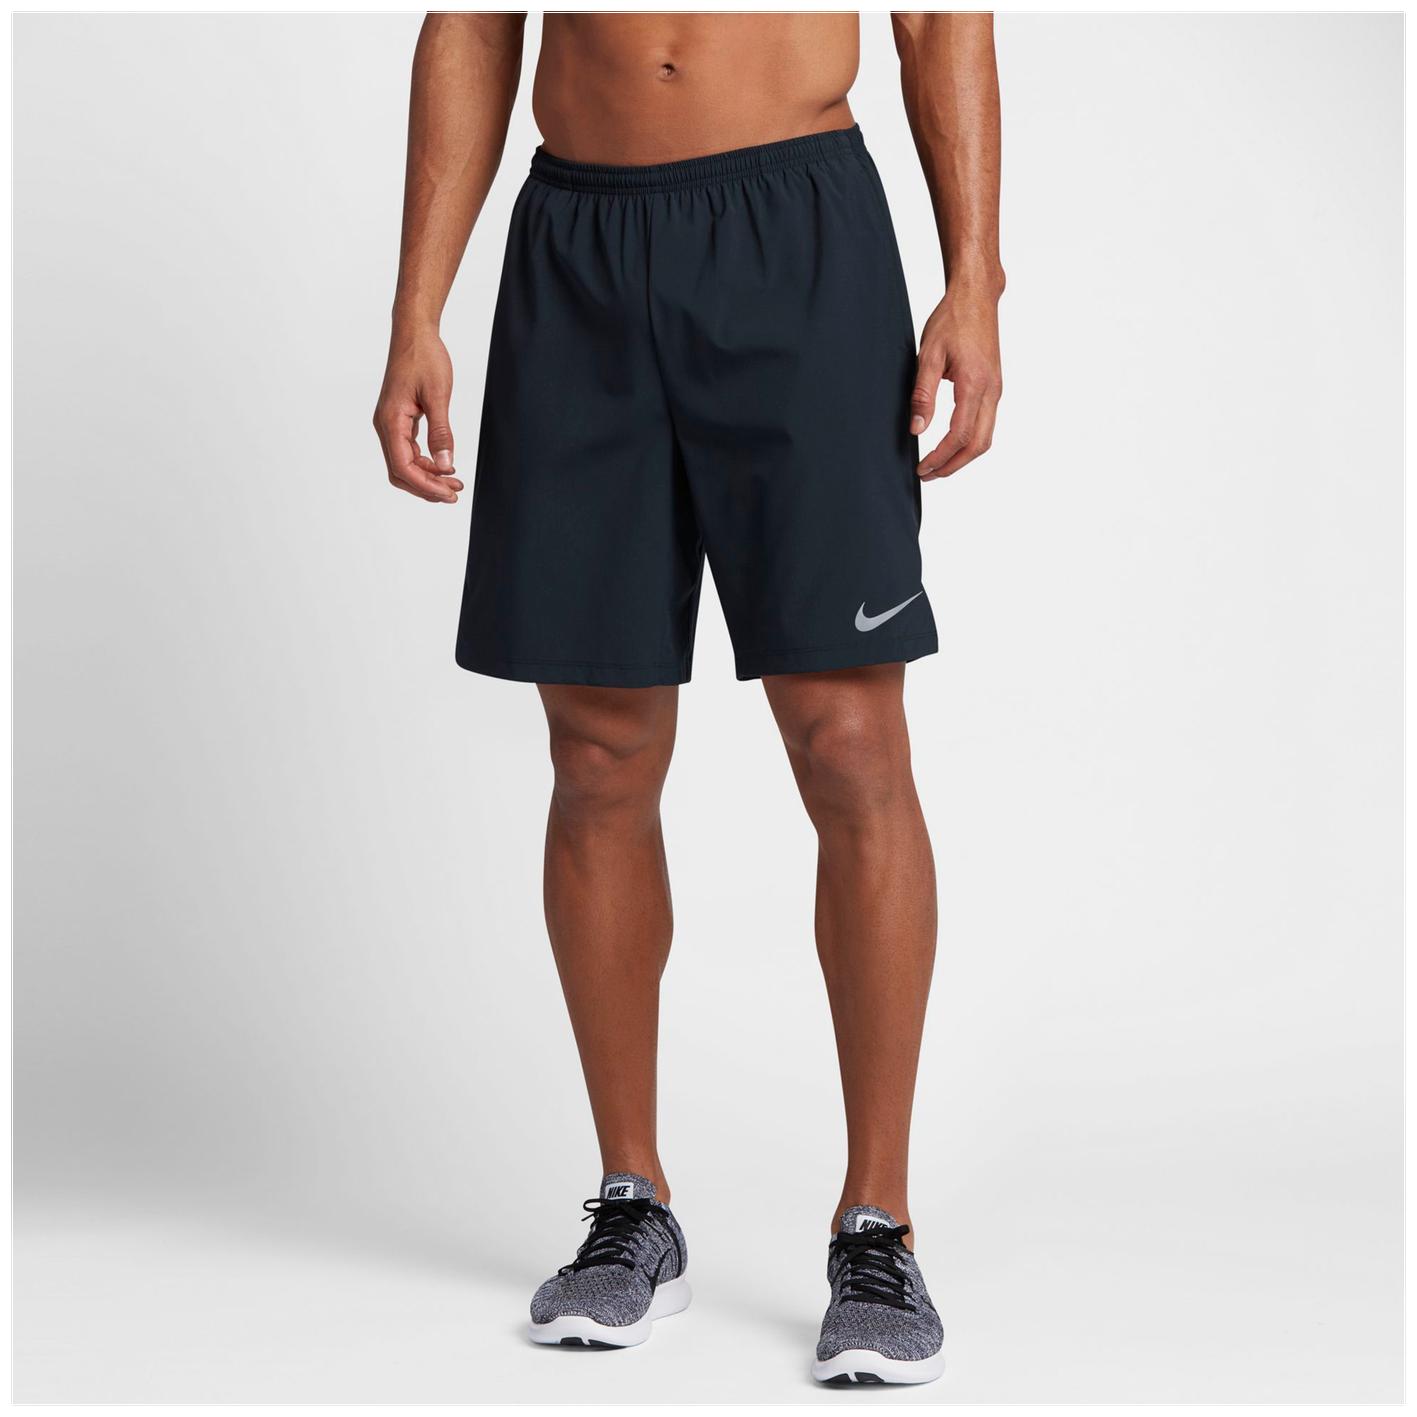 4ad96d66 Nike Dri-FIT 9